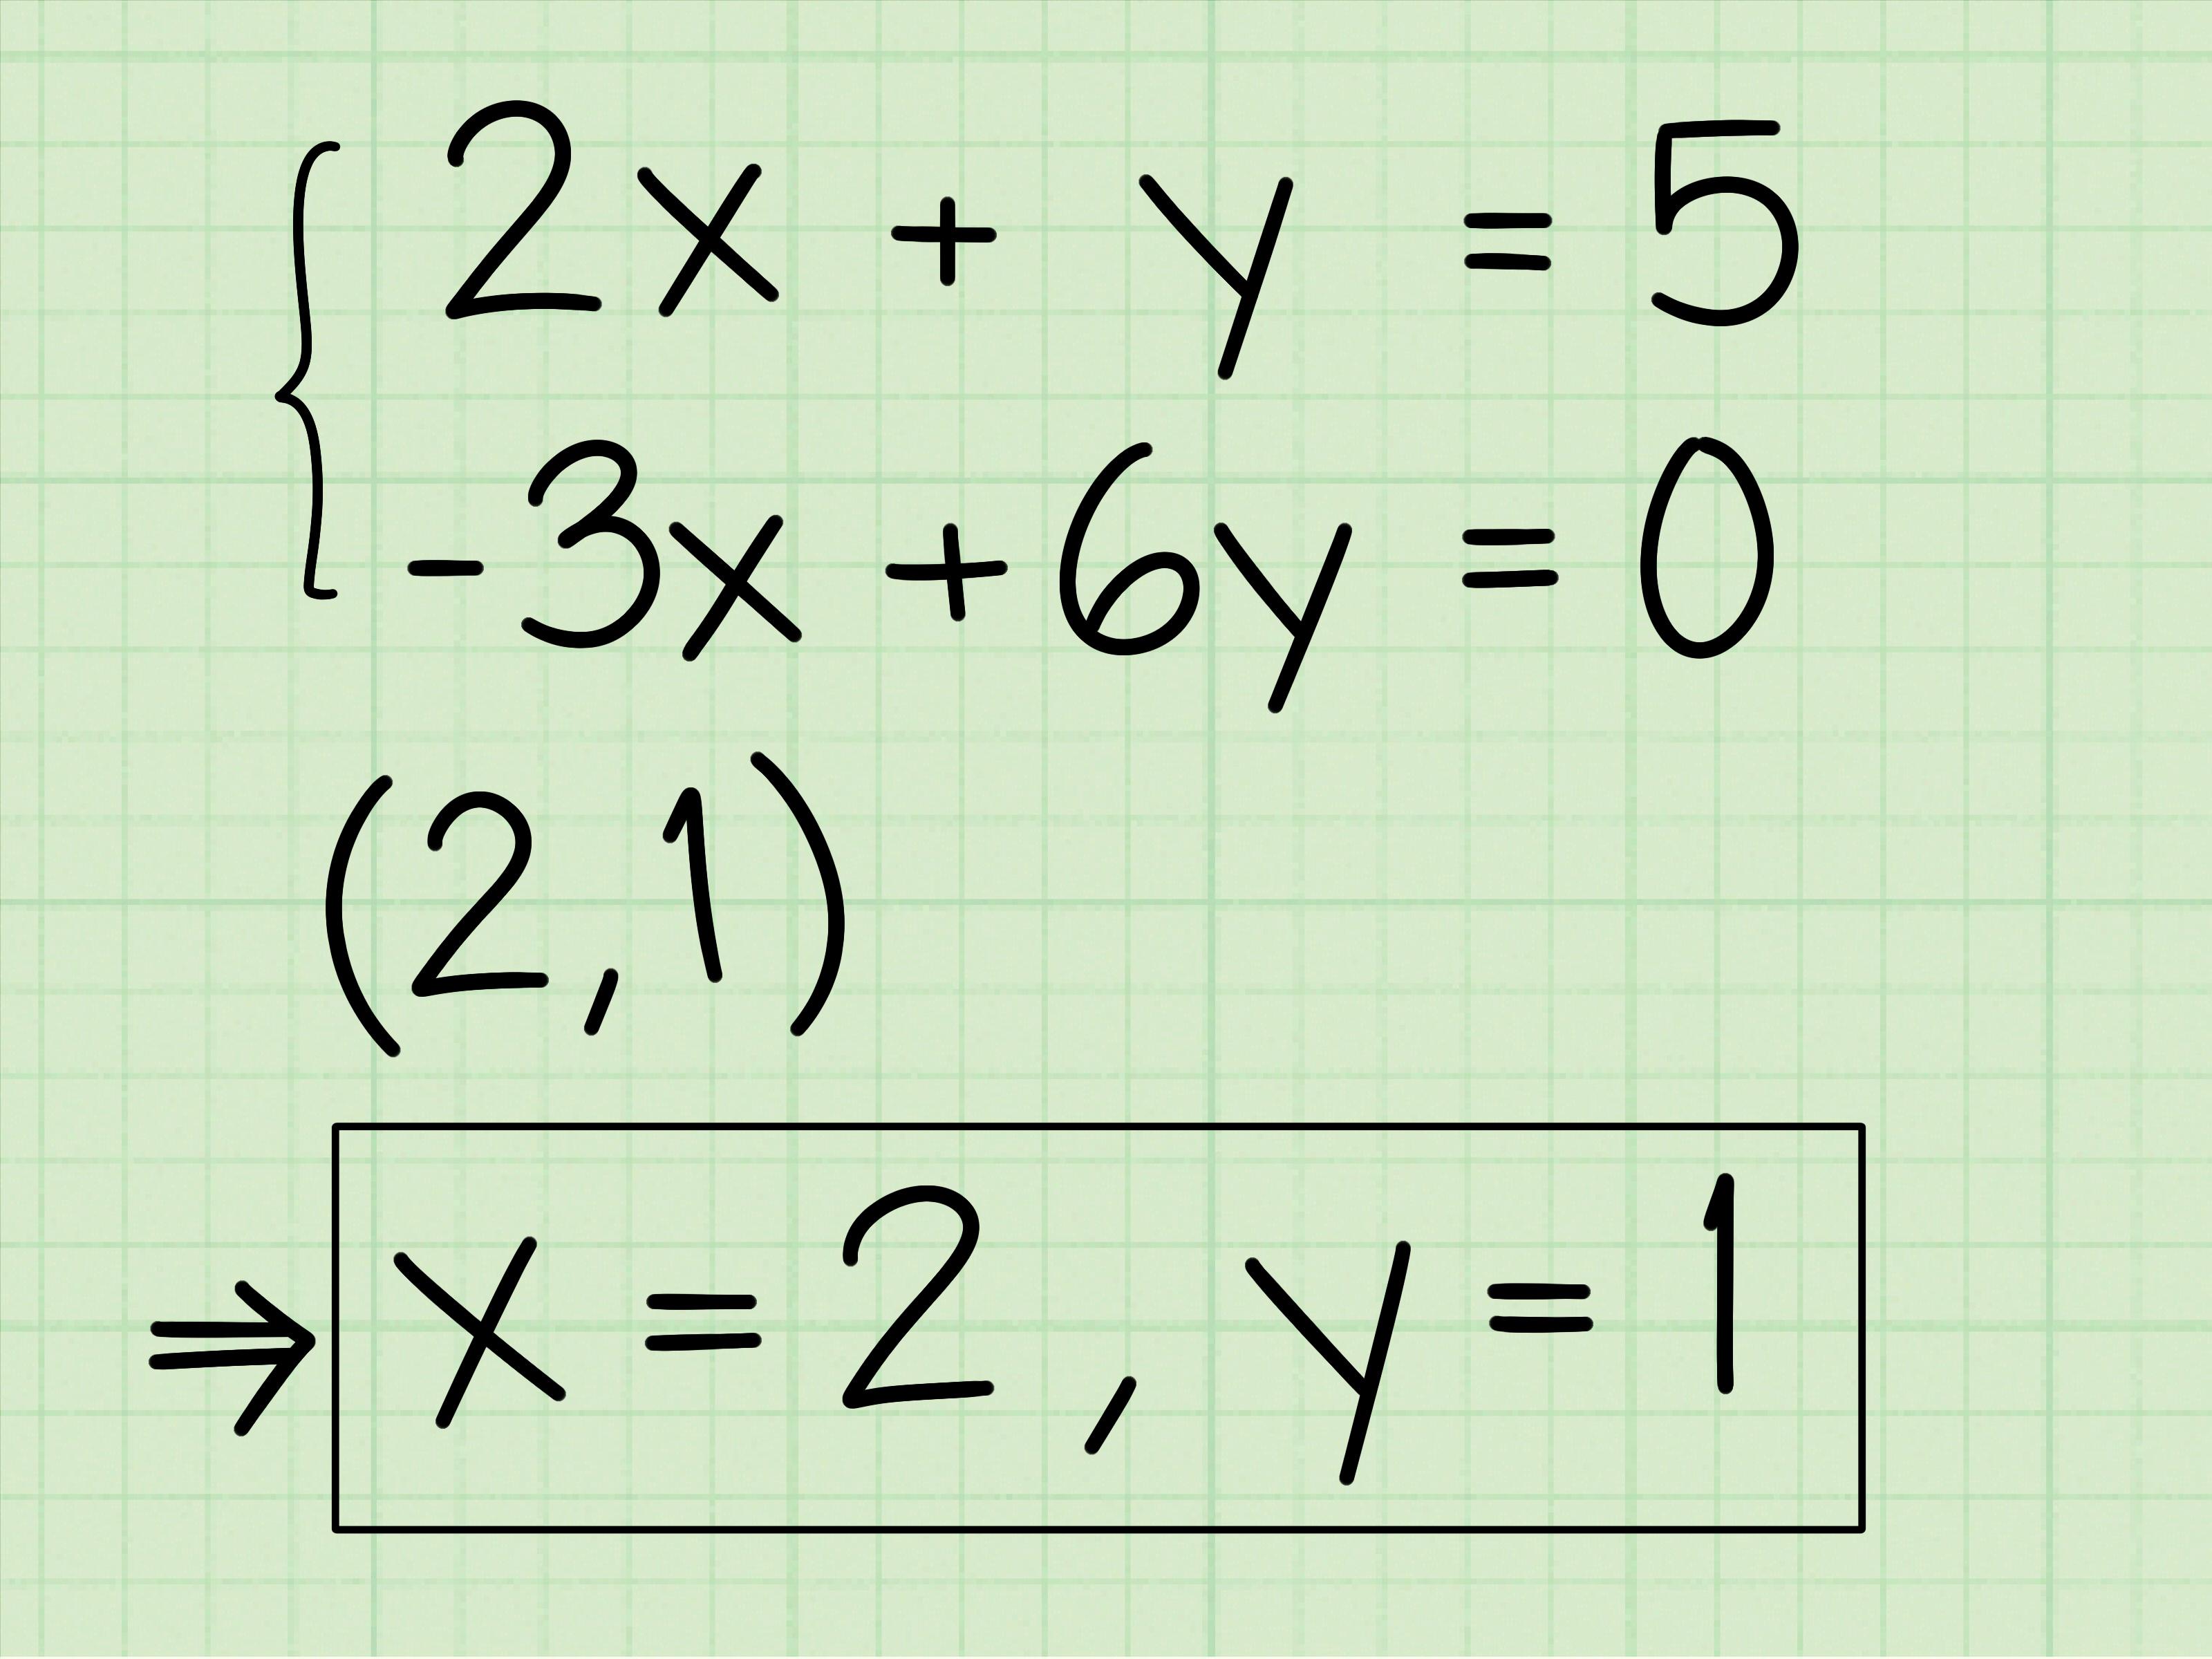 Literal Equations For X - Novocom.top